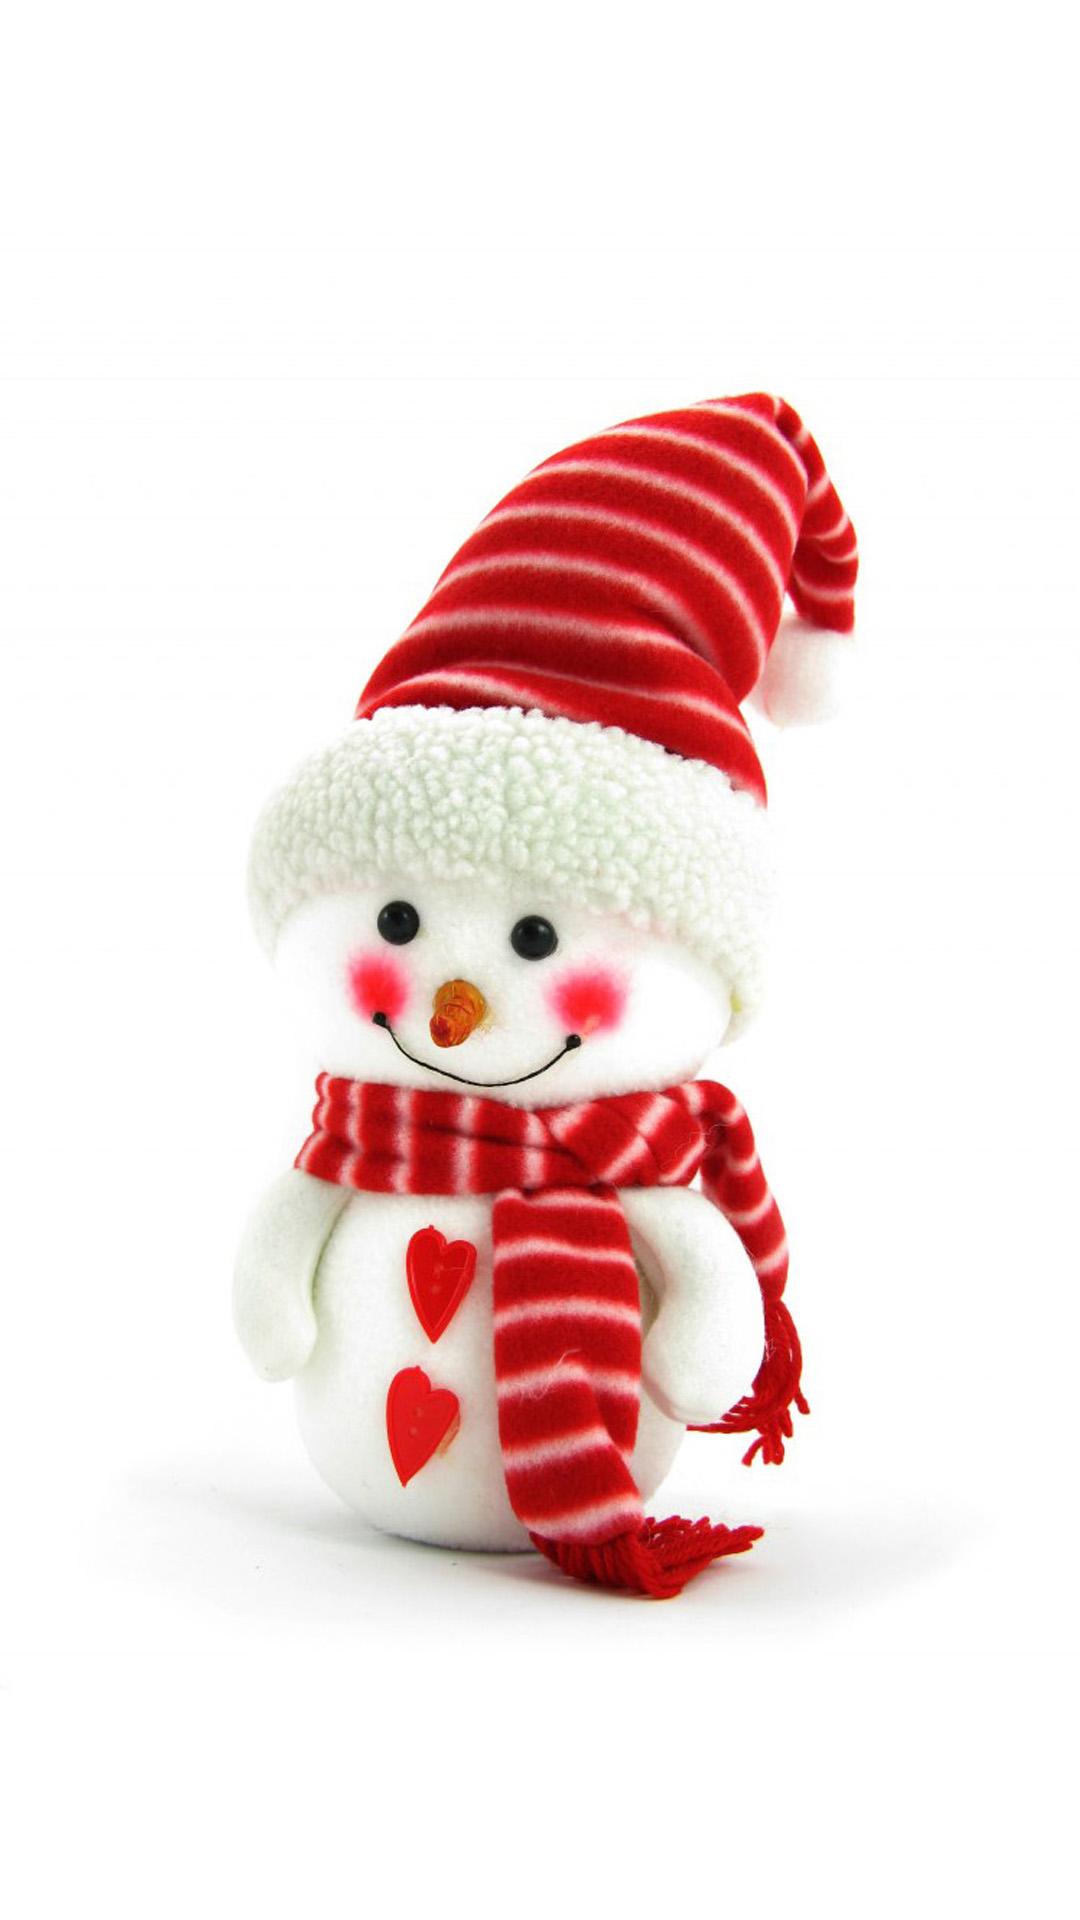 christmas 15 - 50 ảnh nền Giáng Sinh cực dễ thương cho điện thoại